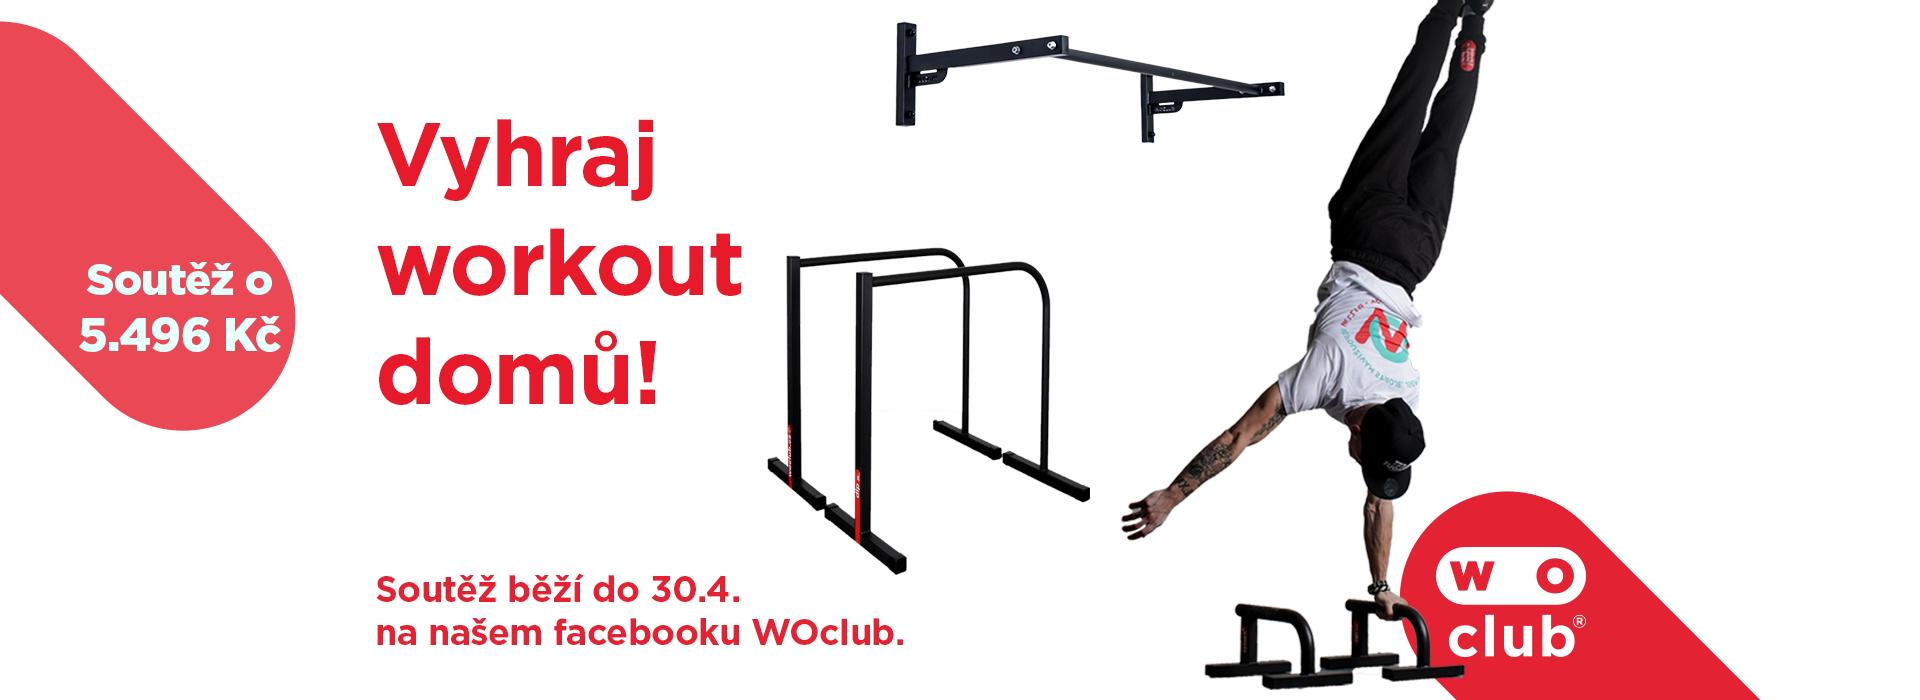 Soutěž o workoutové produkty domů za 5 496 Kč (hrazda na shyby, bradla, malé bradla stalky) na našem facebooku WoOclub